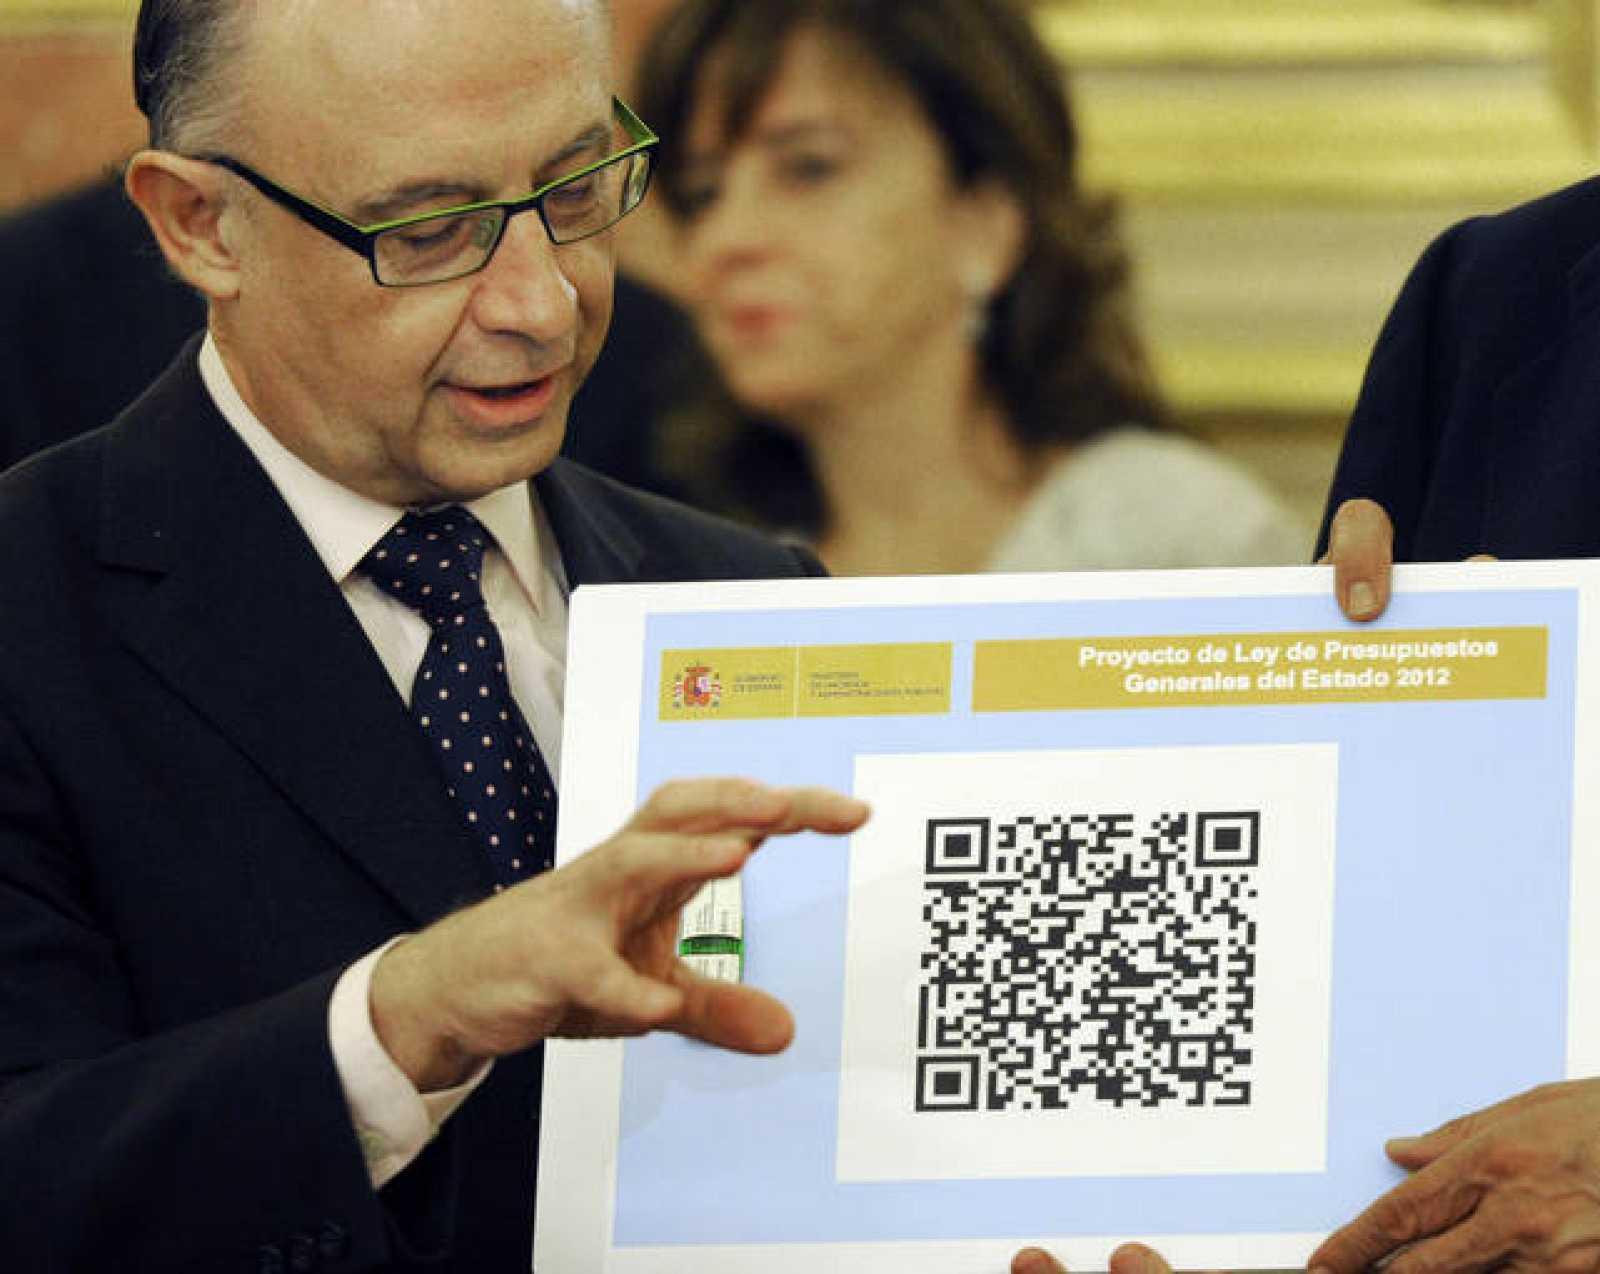 El ministro de Hacienda, Cristobal Montoro, posa junto con el código QR y el pendrive de los Presupuestos Generales del Estado, que fueron presentados este martes en el Congreso de los Diputados